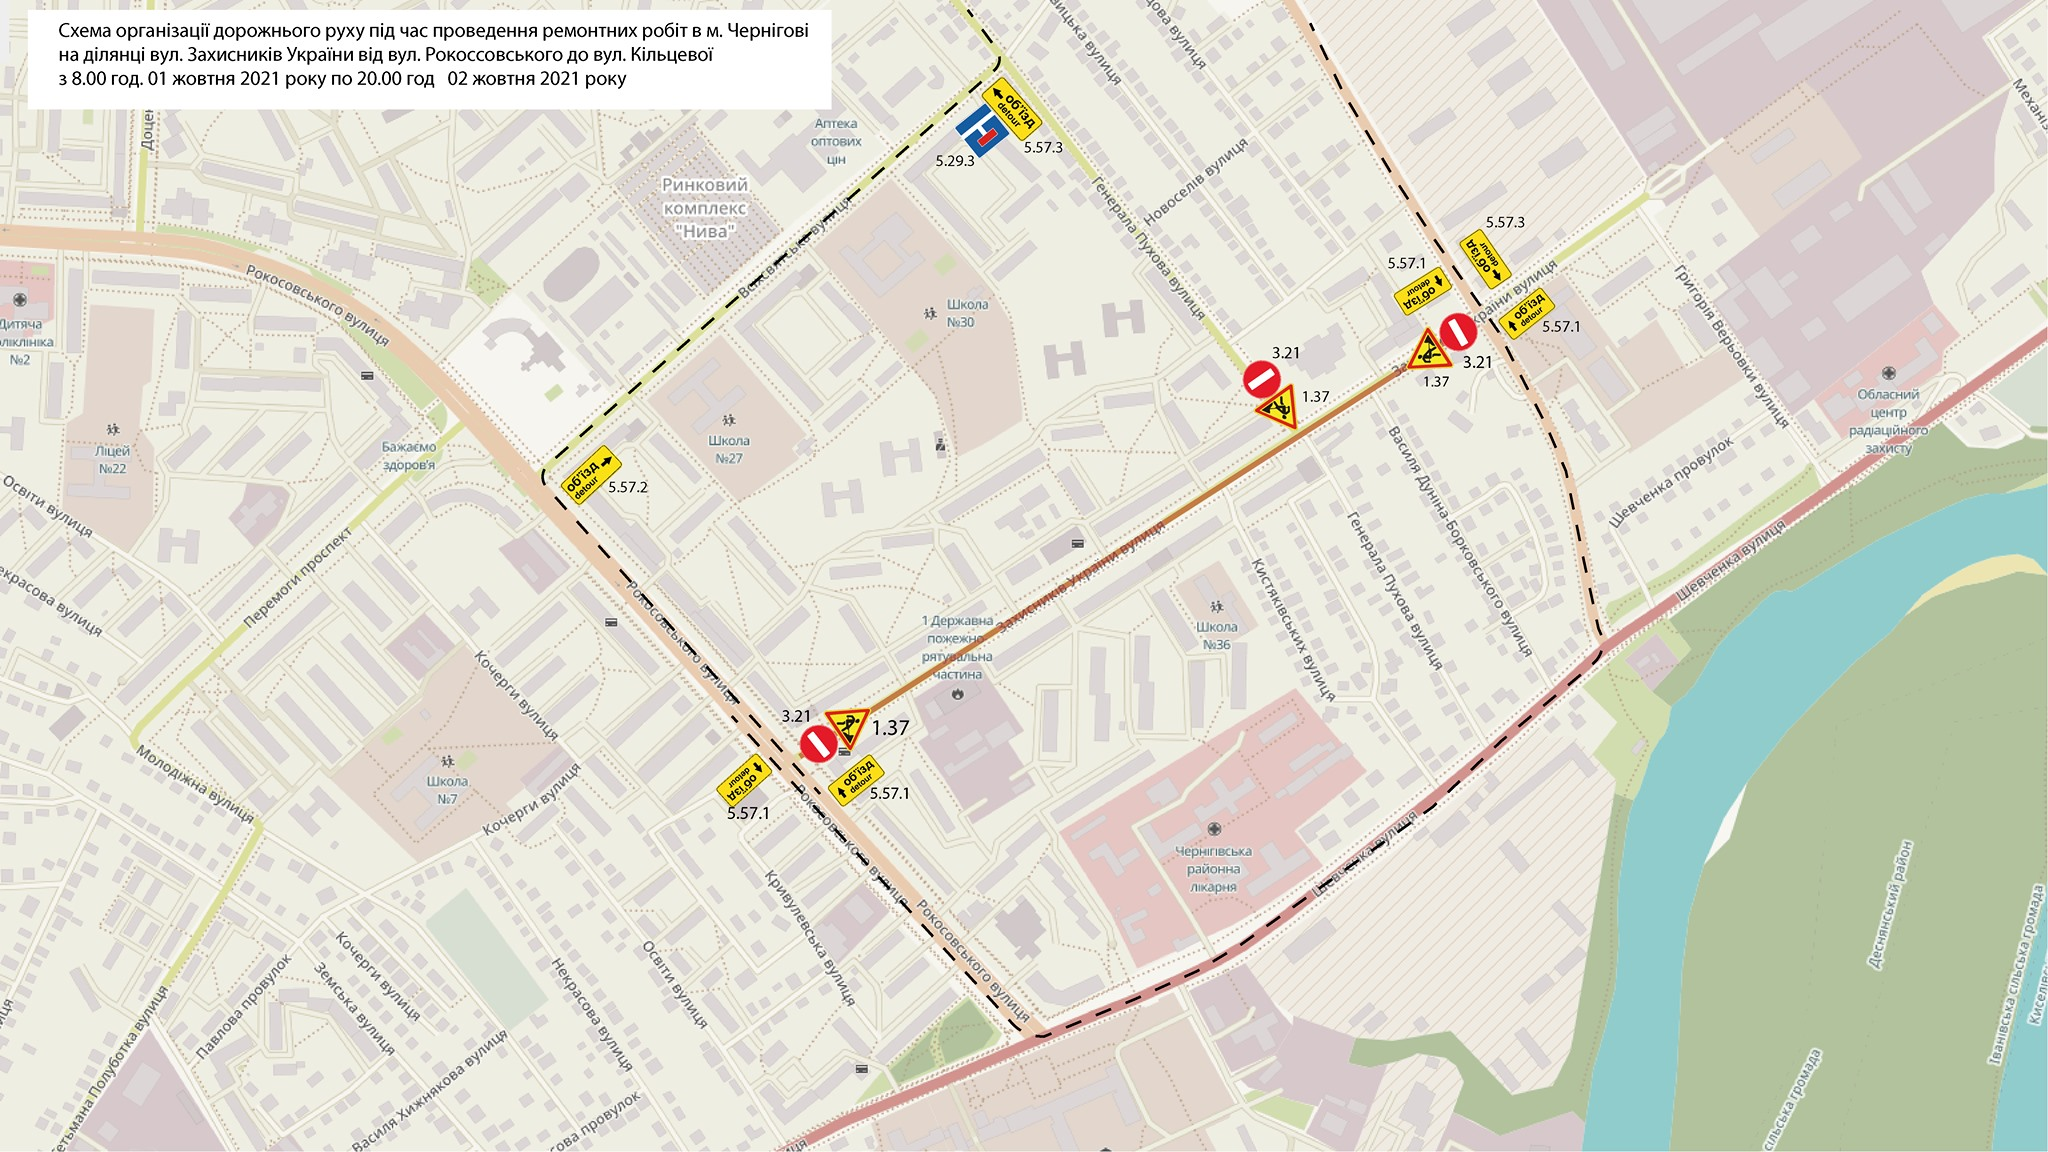 У Чернігові на день перекриють вулицю Захисників України: як ходитиме транспорт